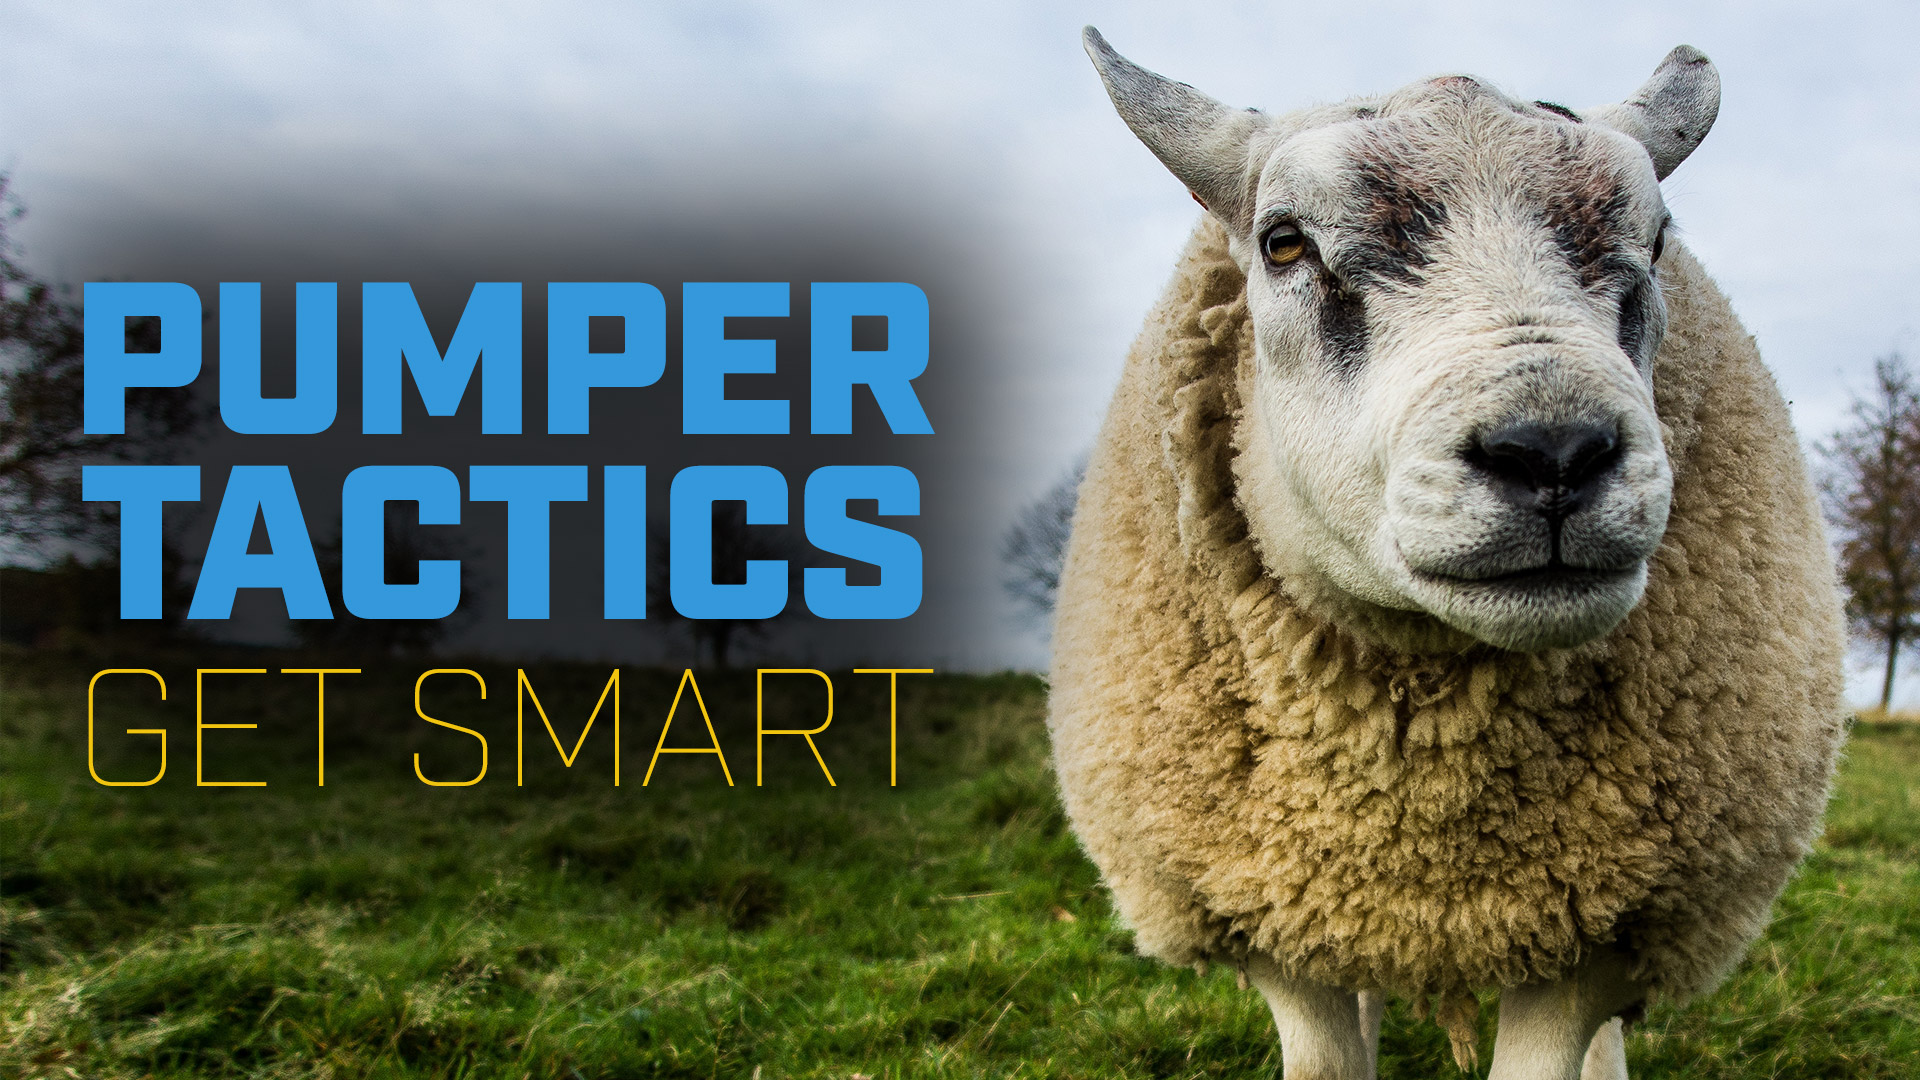 Pumper Tactics. Get Smart!